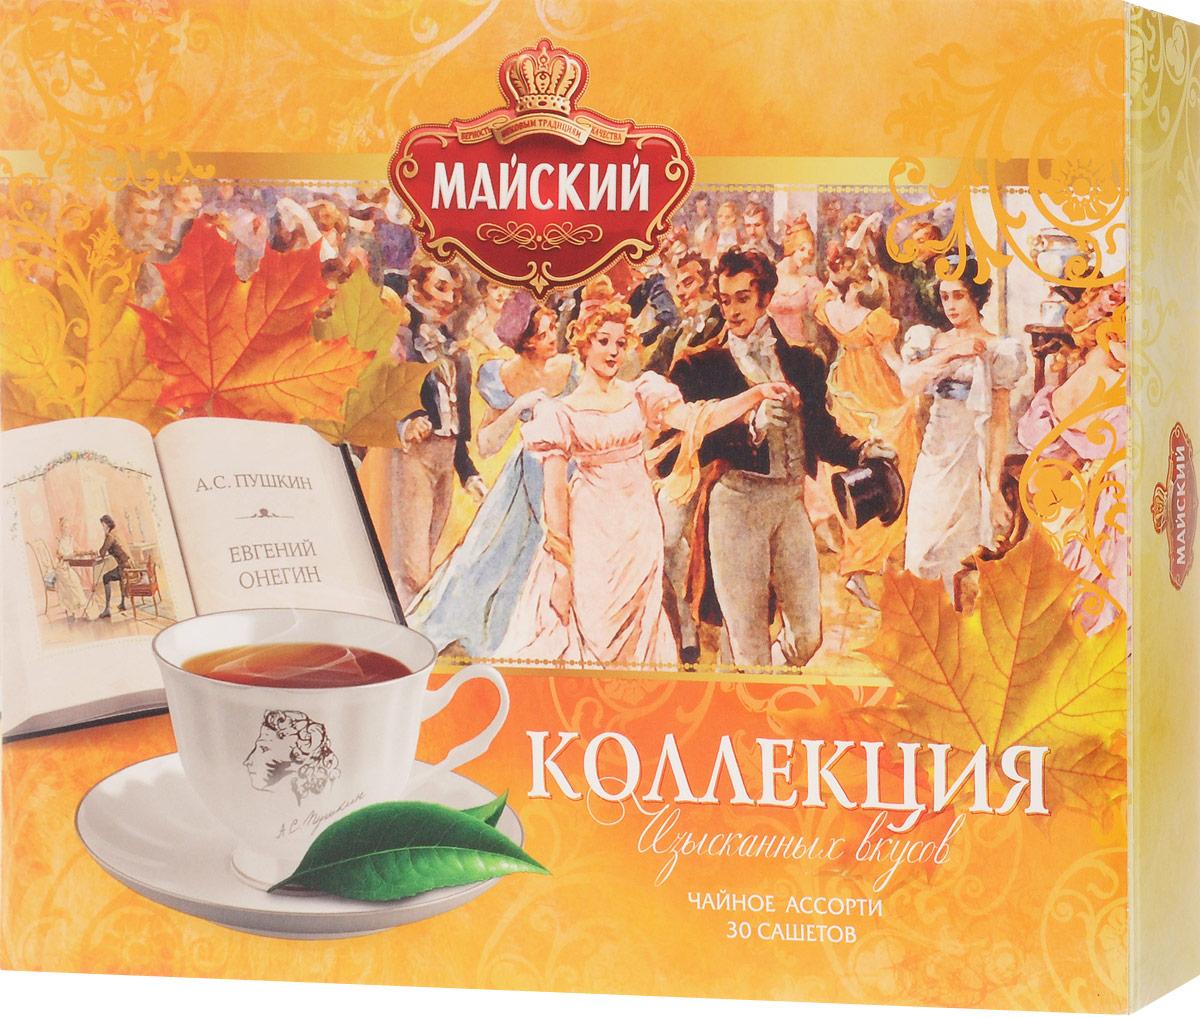 Майский Коллекция изысканных вкусов чай черный в пакетиках, 30 шт0120710Уникальная коллекция вкусов чая Майский в изысканном подарочном формате упаковки.В набор входят:Благородный Цейлон:Совершенство классики. Исключительный обволакивающий нежный вкус Высокогорного Цейлонского чая с выраженным цветочным ароматом в Майский Благородный Цейлон.Ароматный бергамот:Безупречное сочетание насыщенного черного чая и свежих цитрусовых ноток. Откройте для себя пленительные оттенки любимого аромата в каждой чашке Майский Ароматный Бергамот.Душистый чабрец:Абсолютная гармония черного чая и летнего пряного аромата чабреца. Майский Душистый Чабрец!Смородина с мятой:Волнующее сочетание вкуса черного чая, сочной спелой смородины м натуральной мяты. Окунитесь в атмосферу цветущего сада с новым Майский Смородина с Мятой.Пряный Восток:Насыщенный вкус черного чая с пряными нотками кардамона и согревающим ароматом корицы. Истинные ценители отметят исключительное сочетание специй в новом чае Майский Пряный Восток.